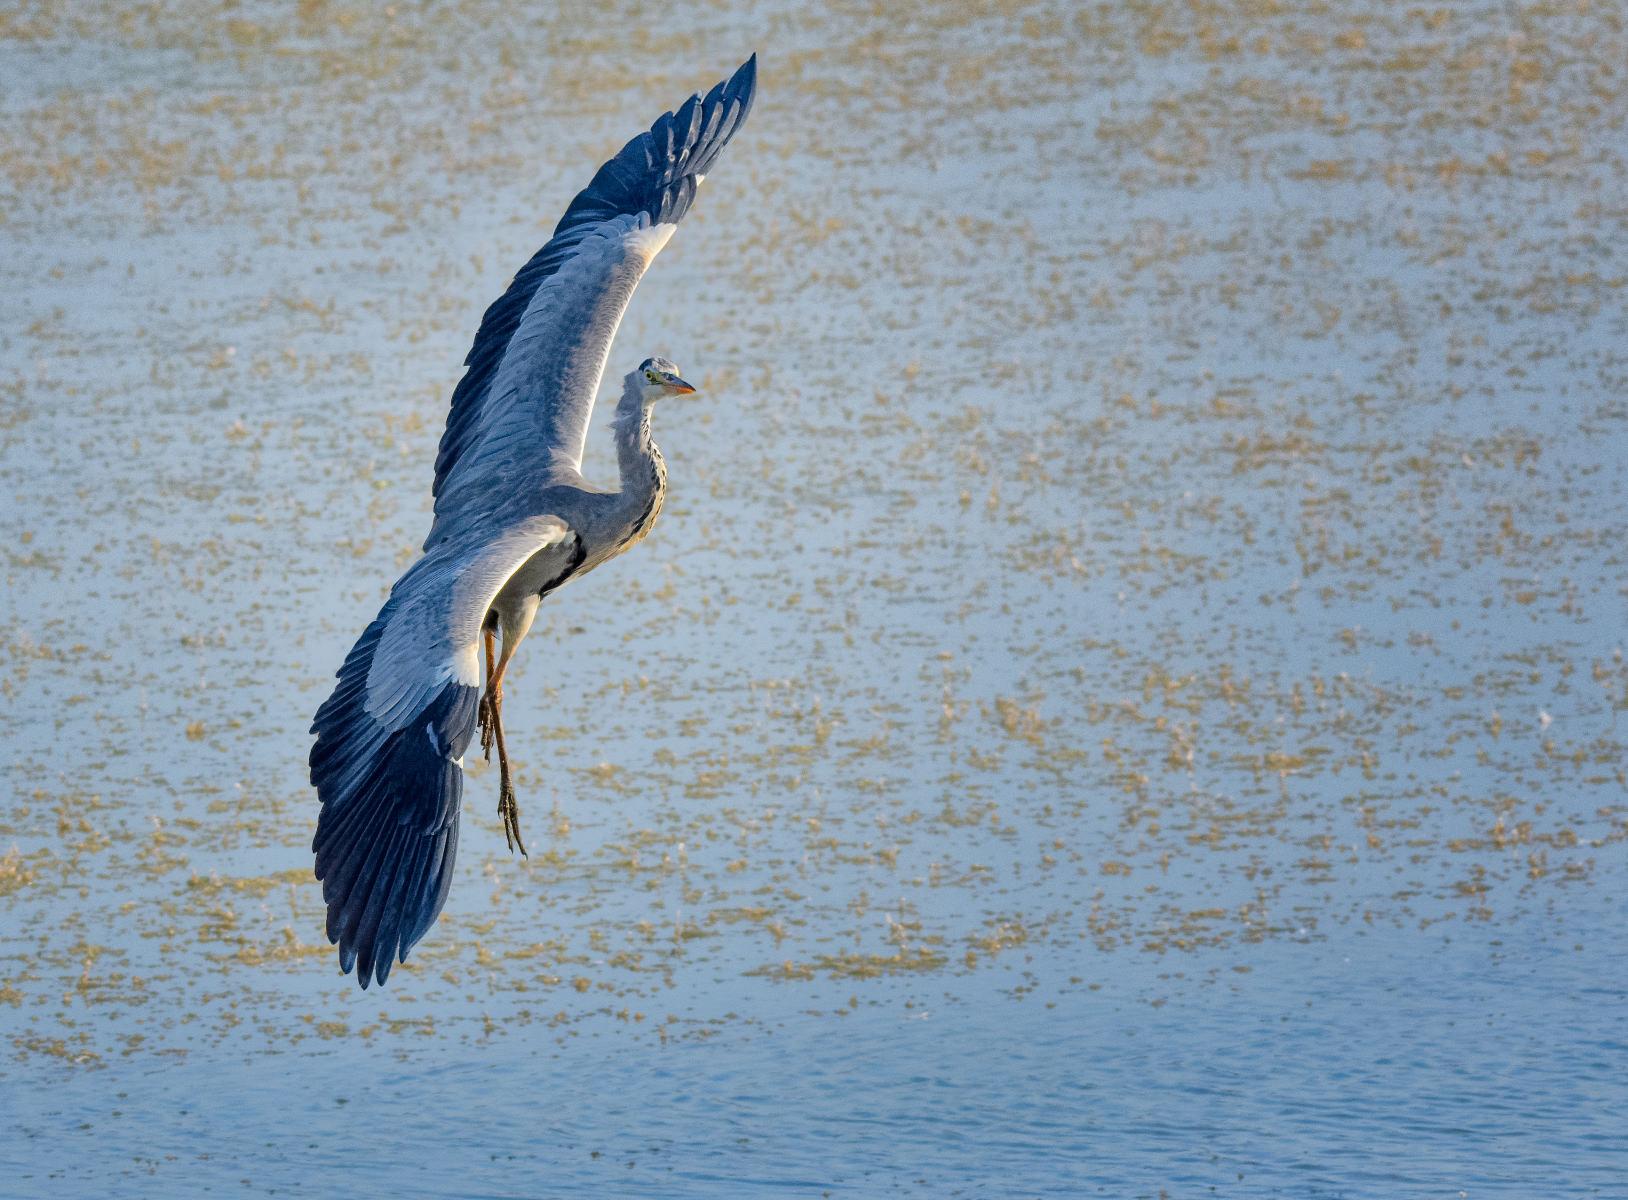 heron landing with a sharp banking turn